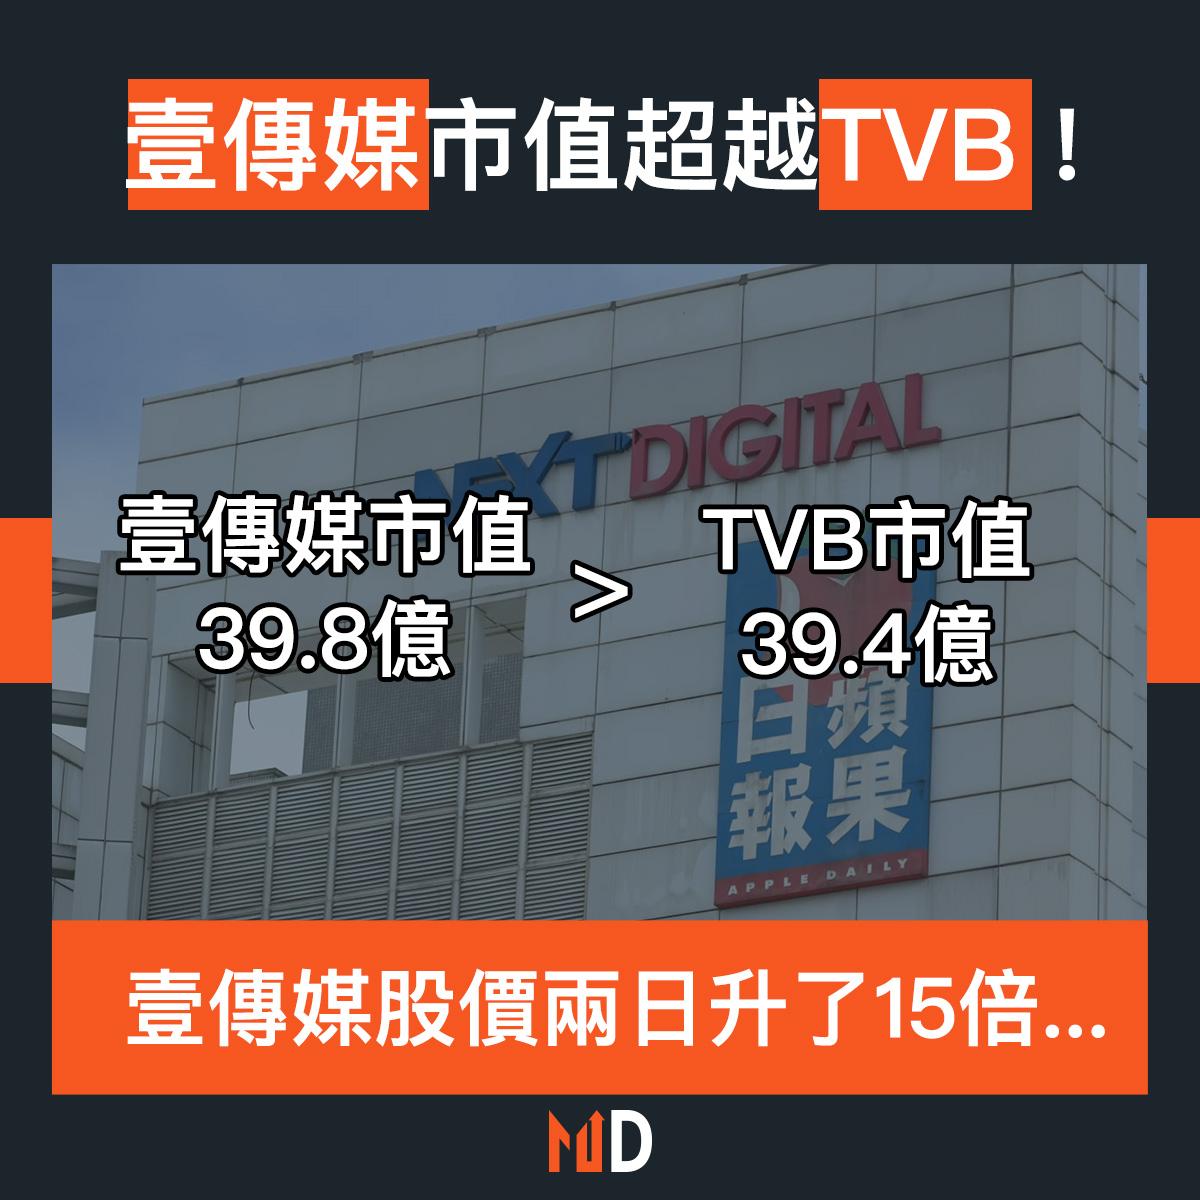 【市場熱話】壹傳媒市值超越TVB!